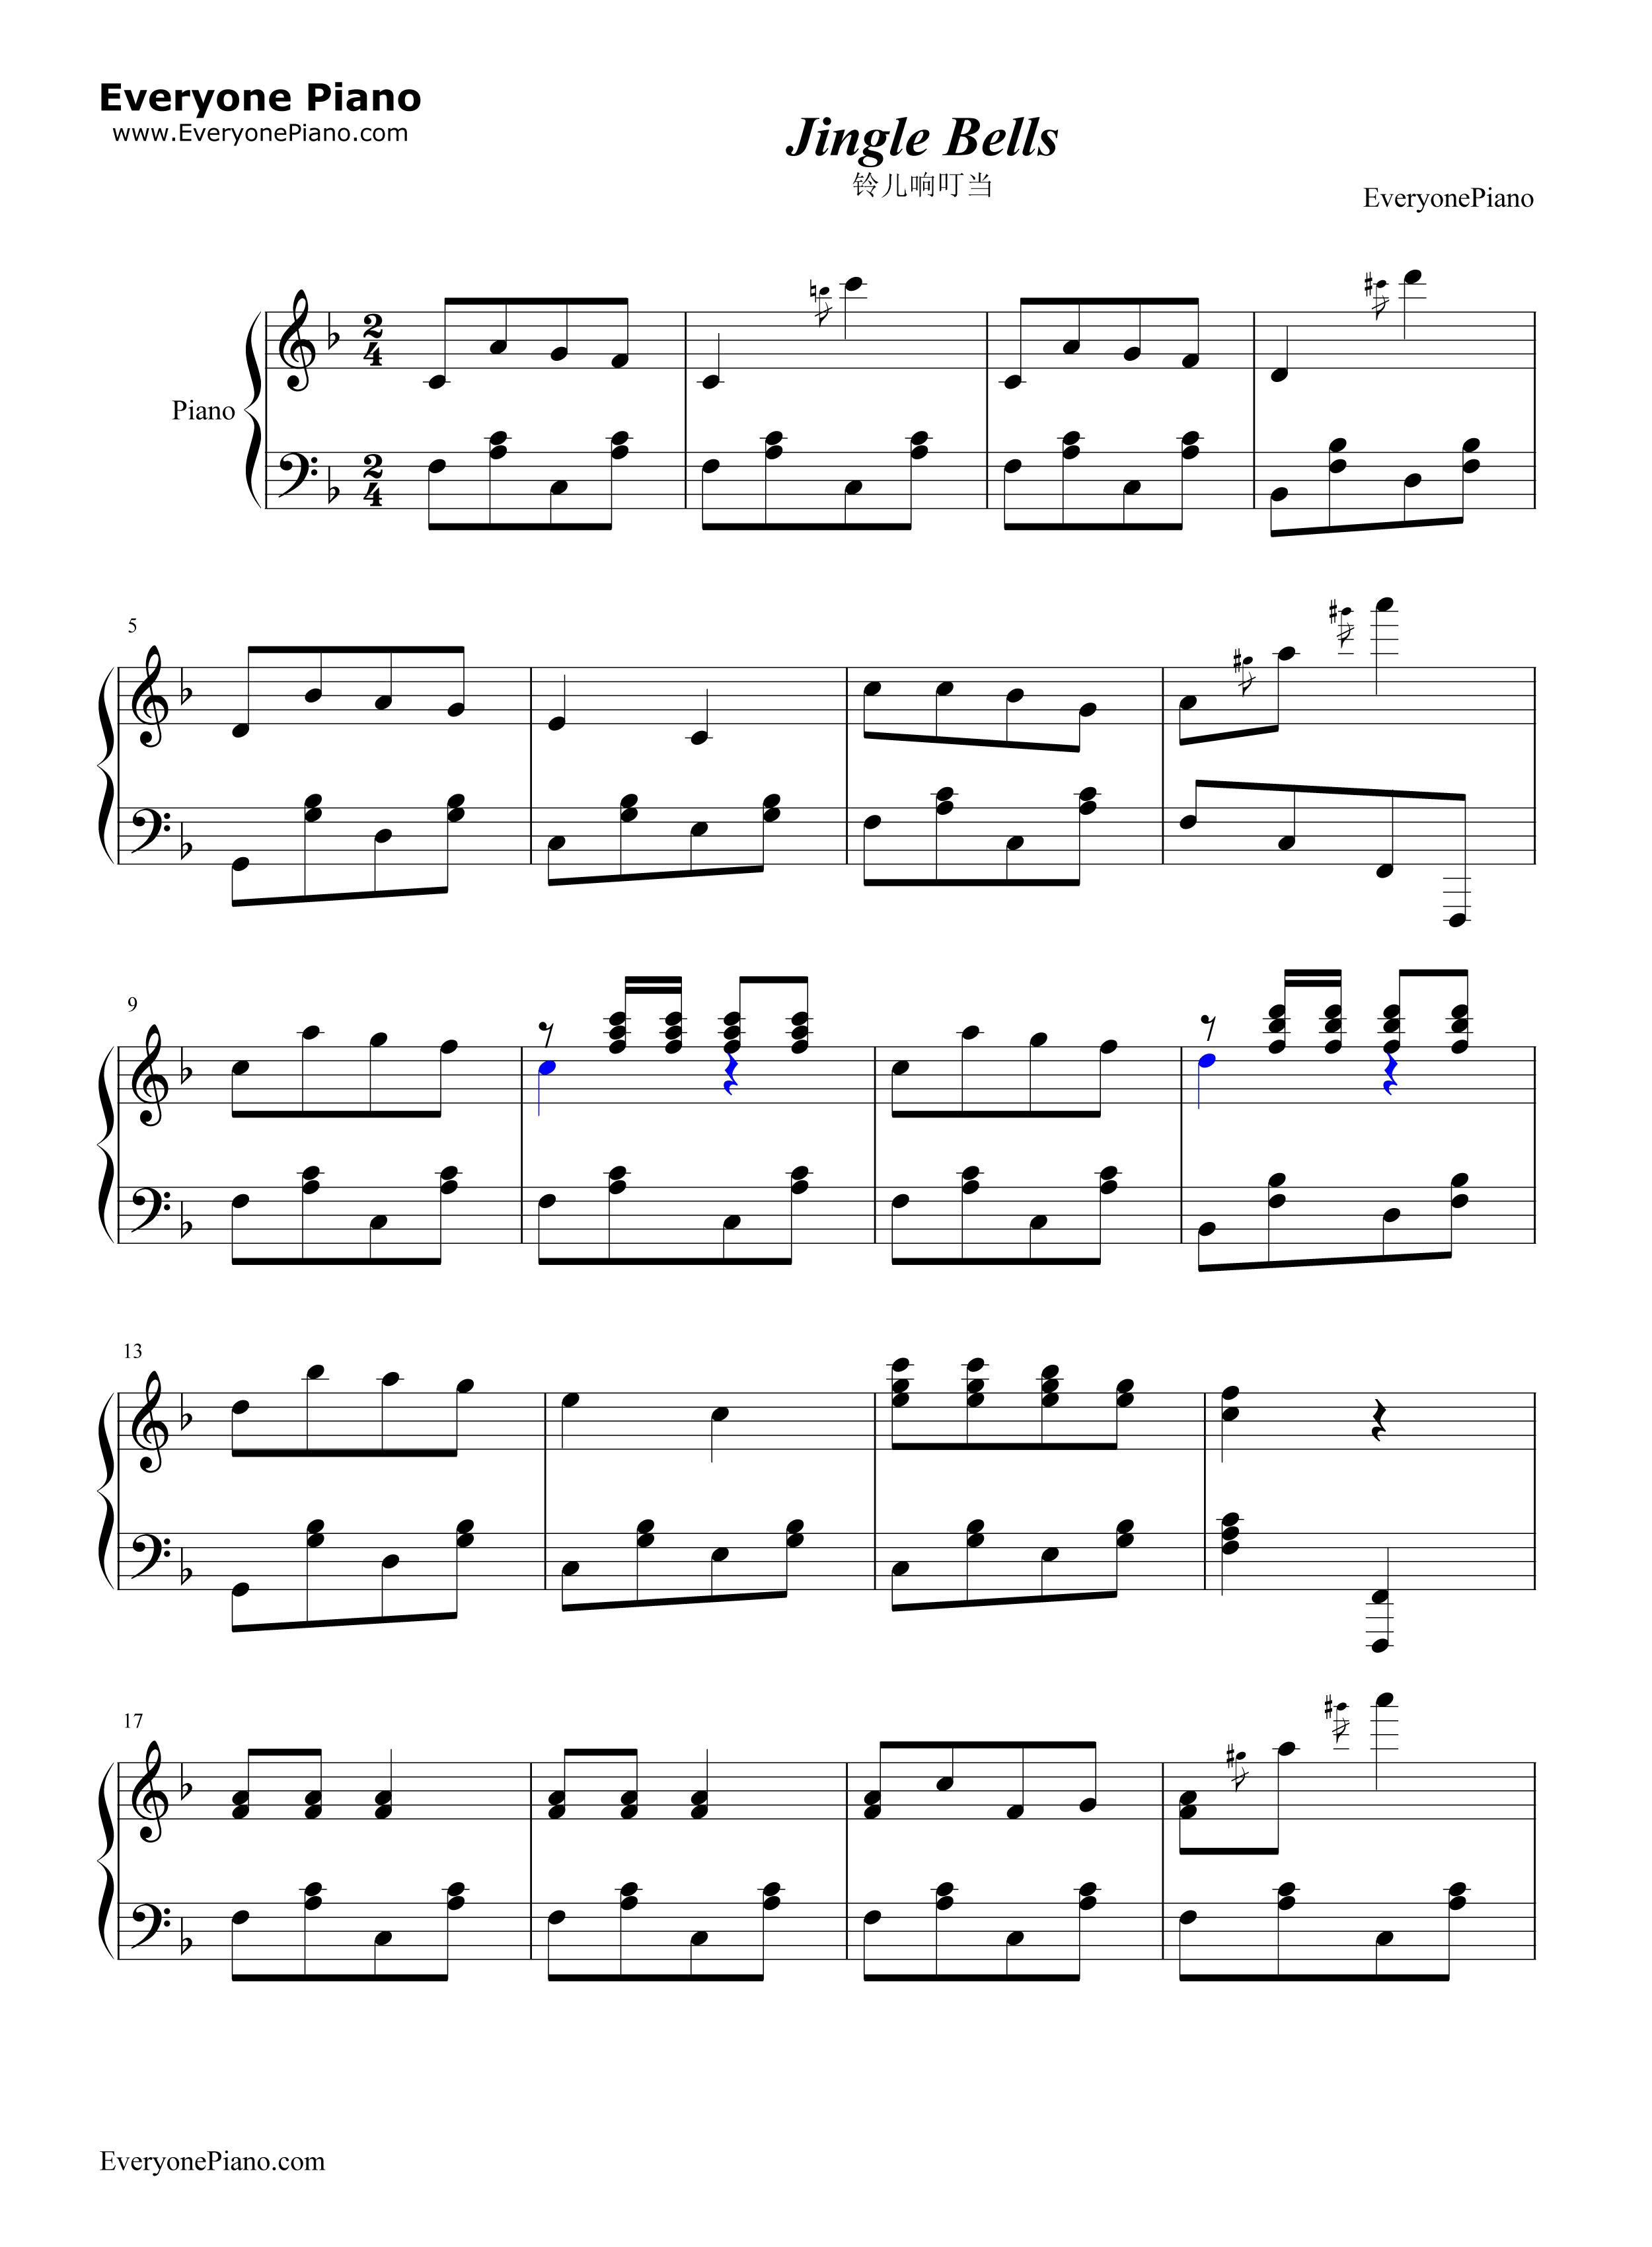 铃儿响叮当-炫技版五线谱预览1-钢琴谱(五线谱,双手)